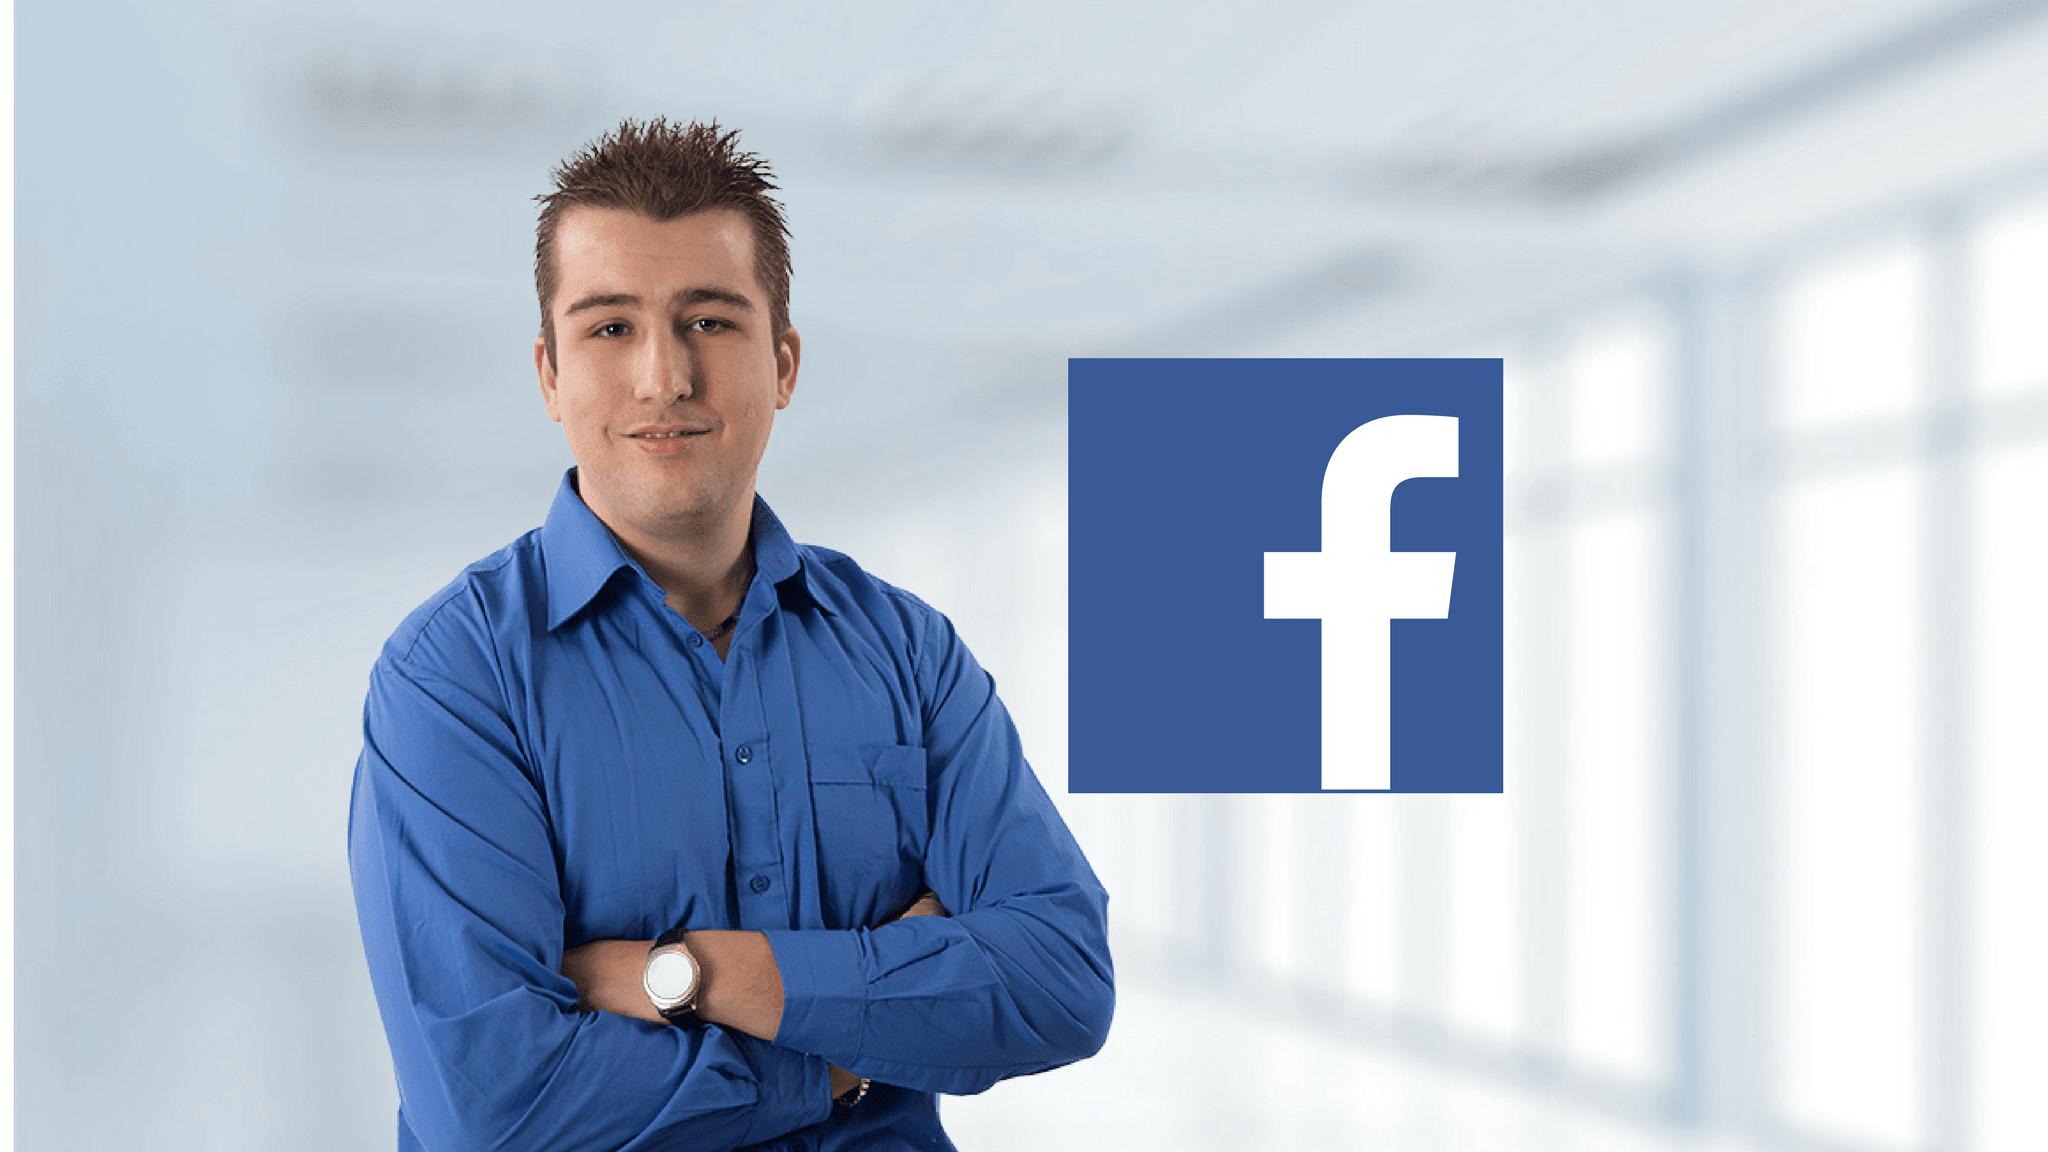 Werkt Facebook Adverteren ook voor mij bedrijf?